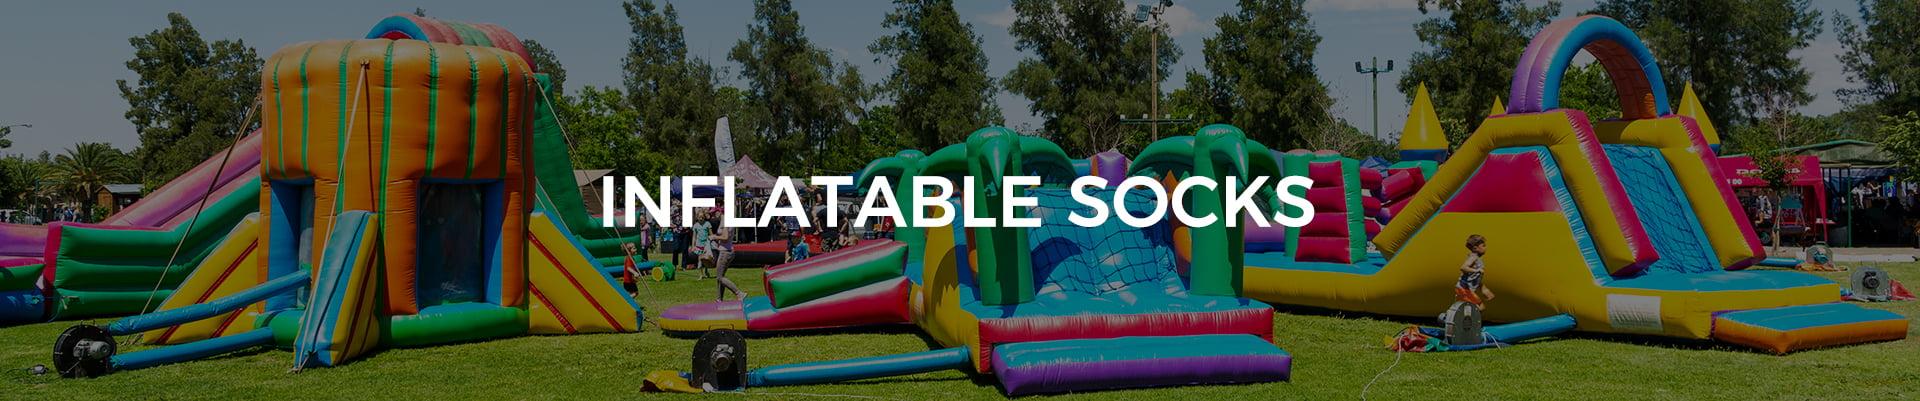 inflatable socks